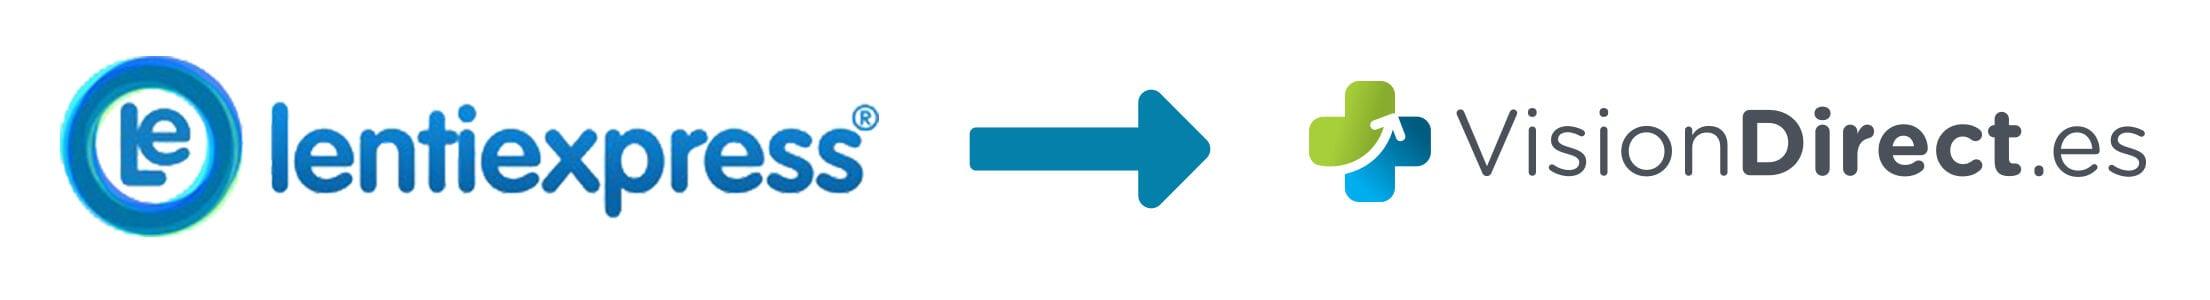 Lentillasadomicilio.com es ahora VisionDirect.es